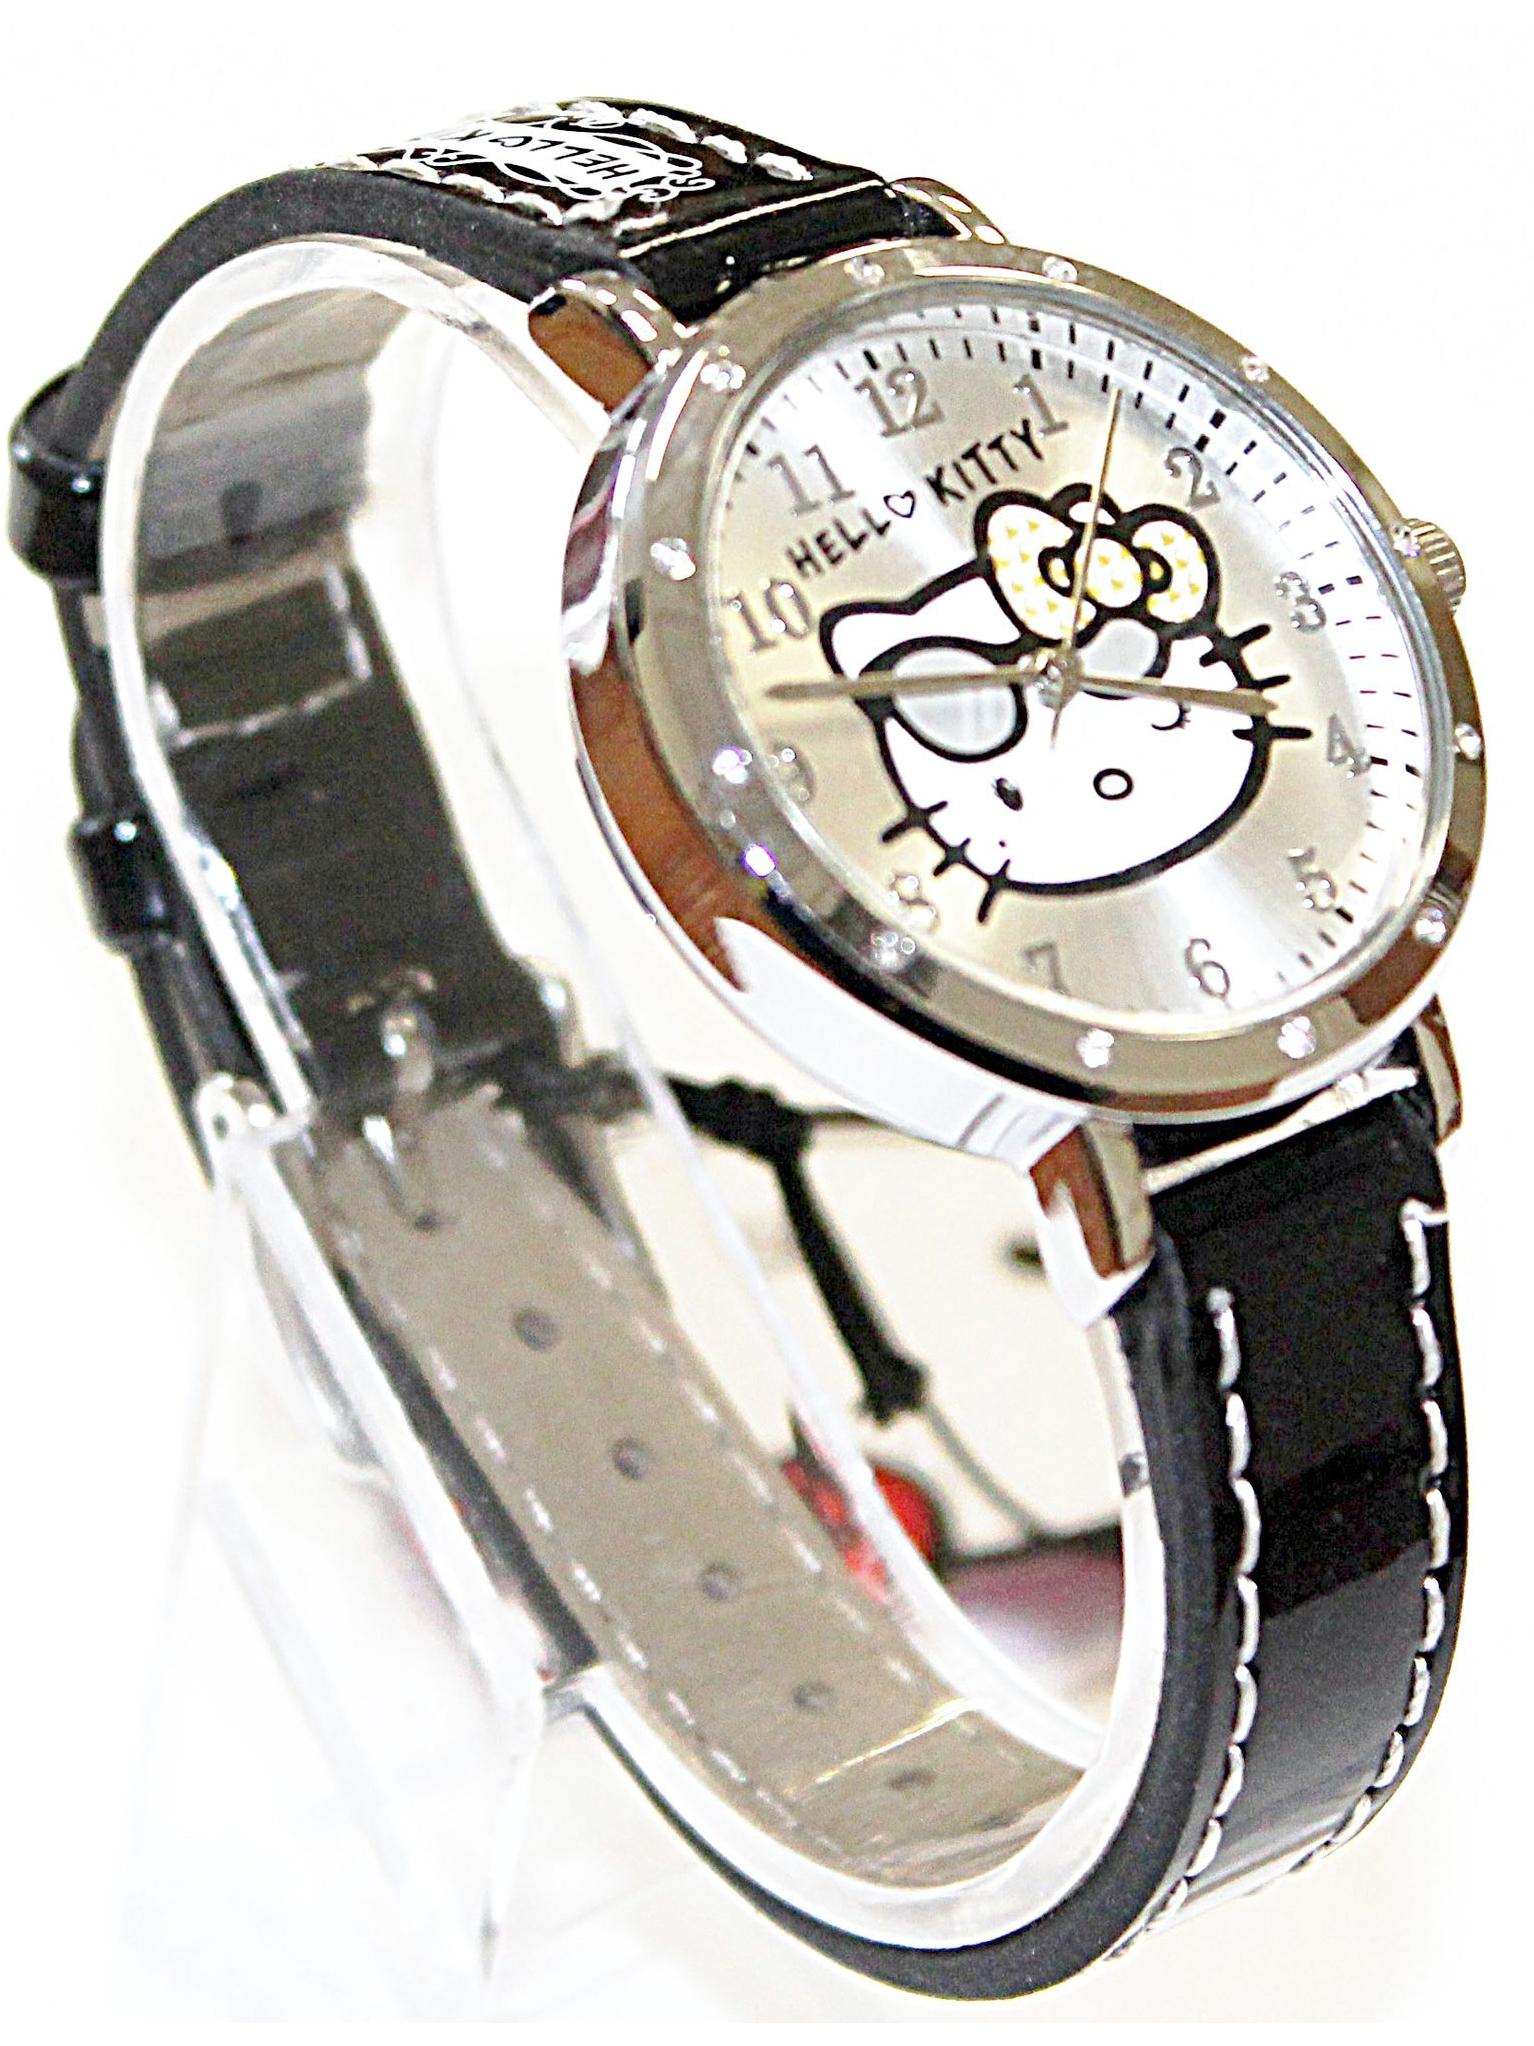 Часы наручные аналоговые Hello Kitty золотойДетские часы<br>Часы наручные аналоговые Hello Kitty золотой<br>